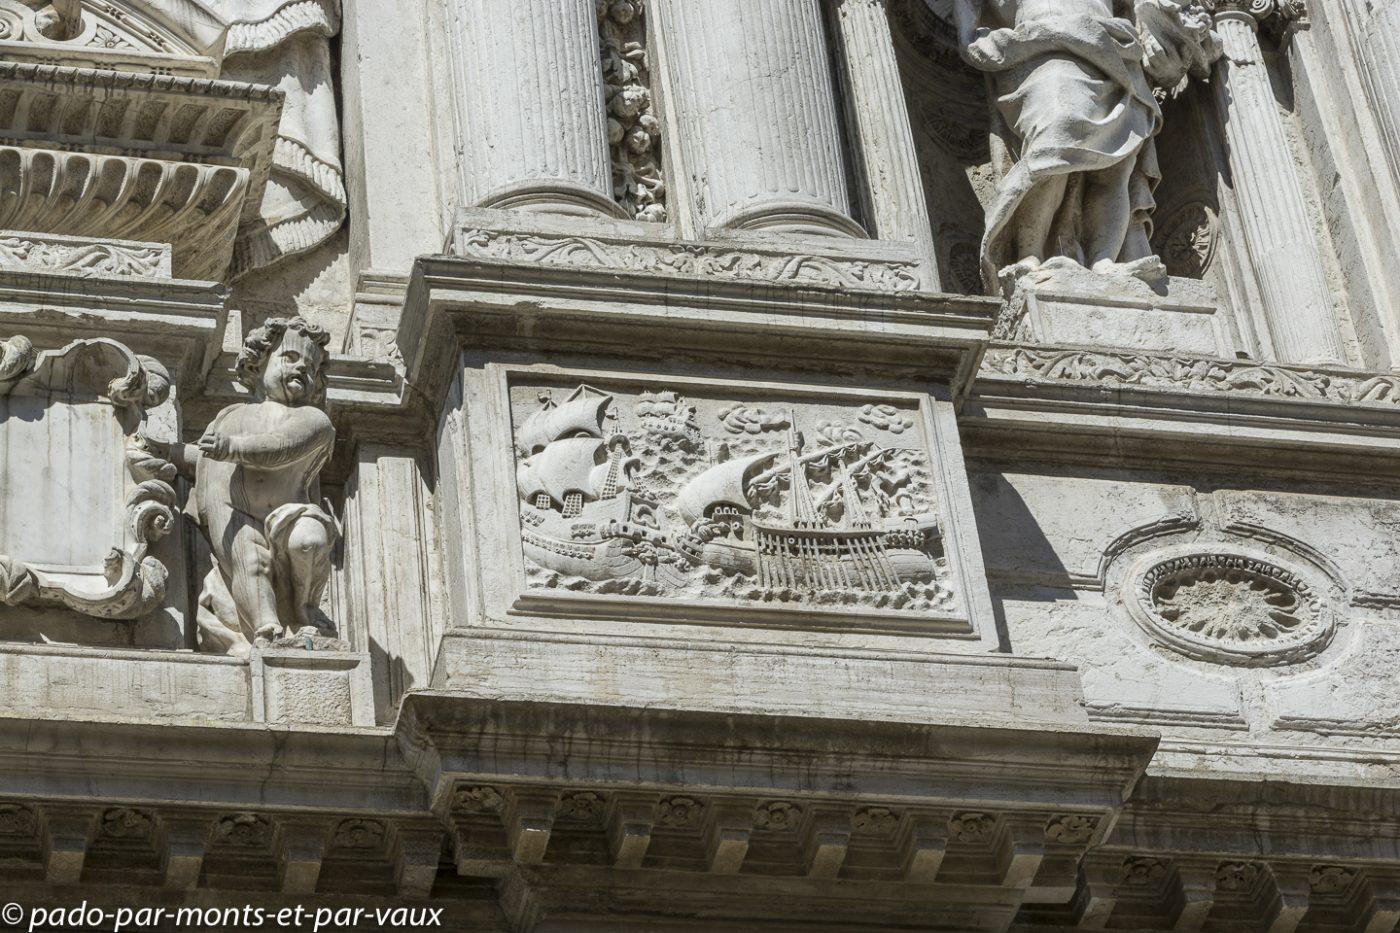 Venise - Santa Maria del Giglio